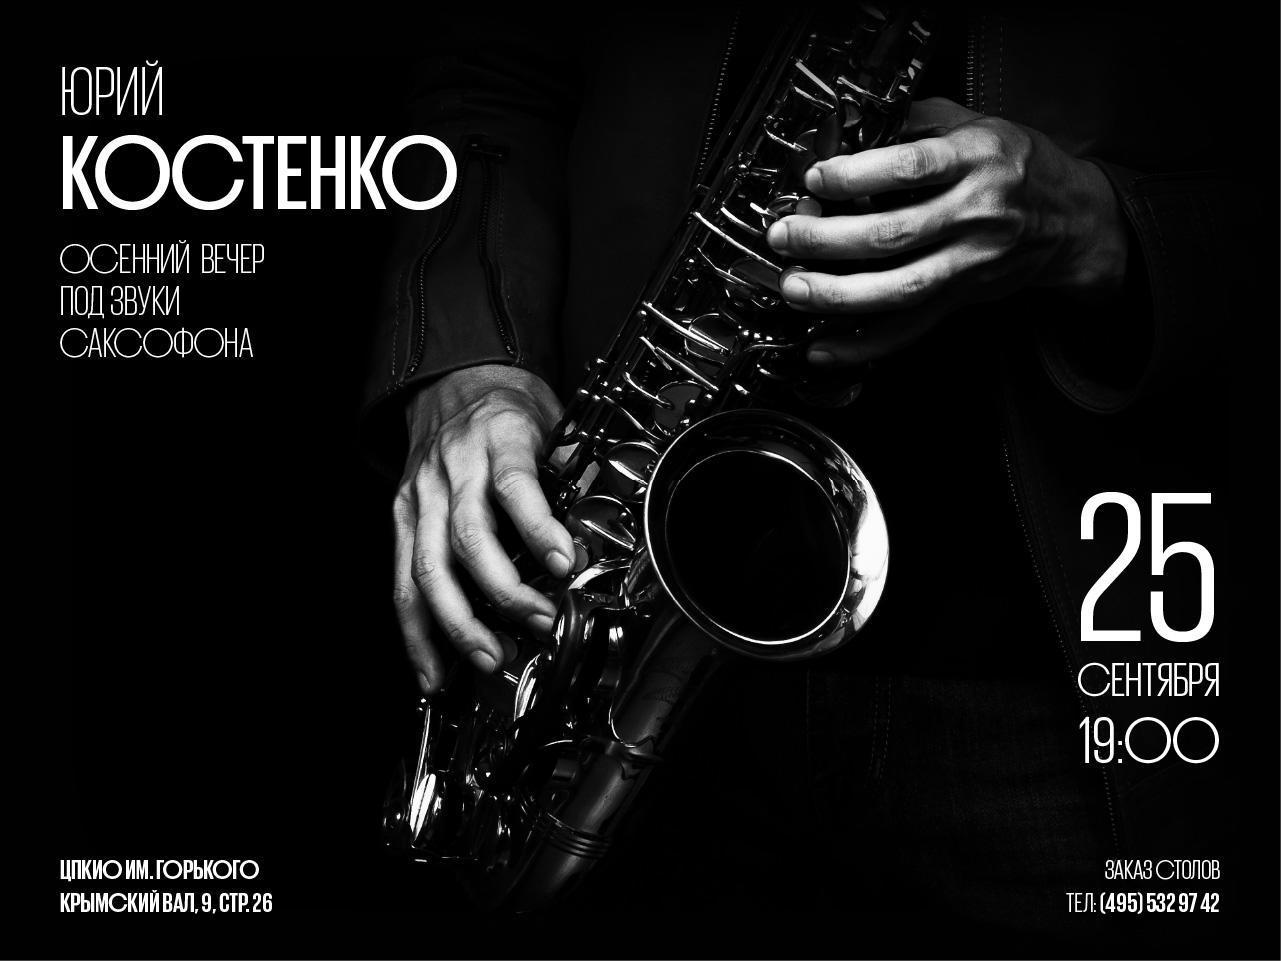 Концерт Юрия Костенко